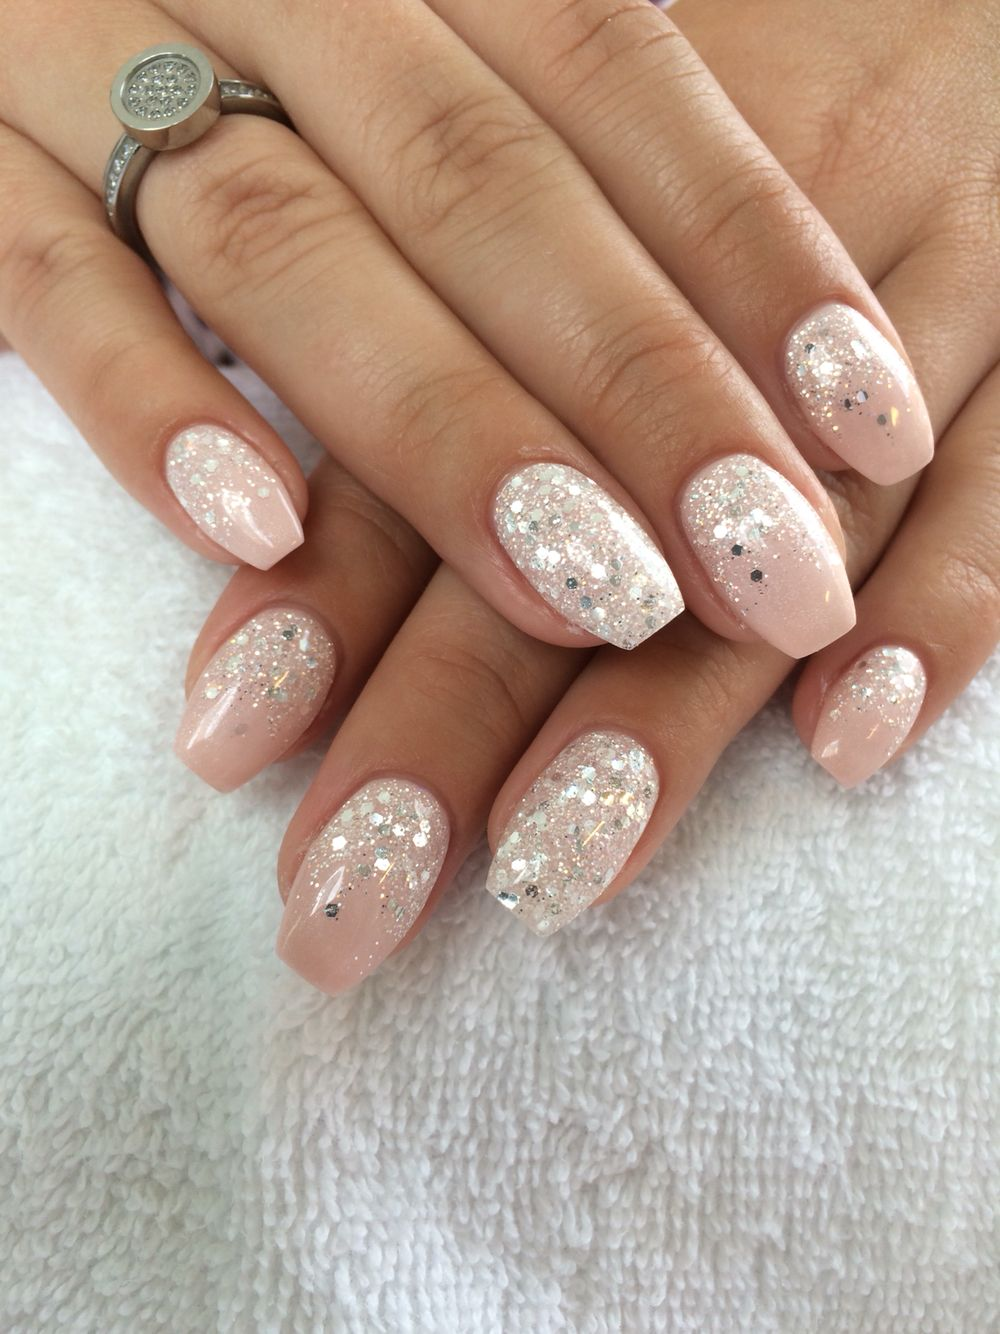 Pin By Kelly Kent On Naglar Bride Nails Nail Designs Glitter Pink Nails